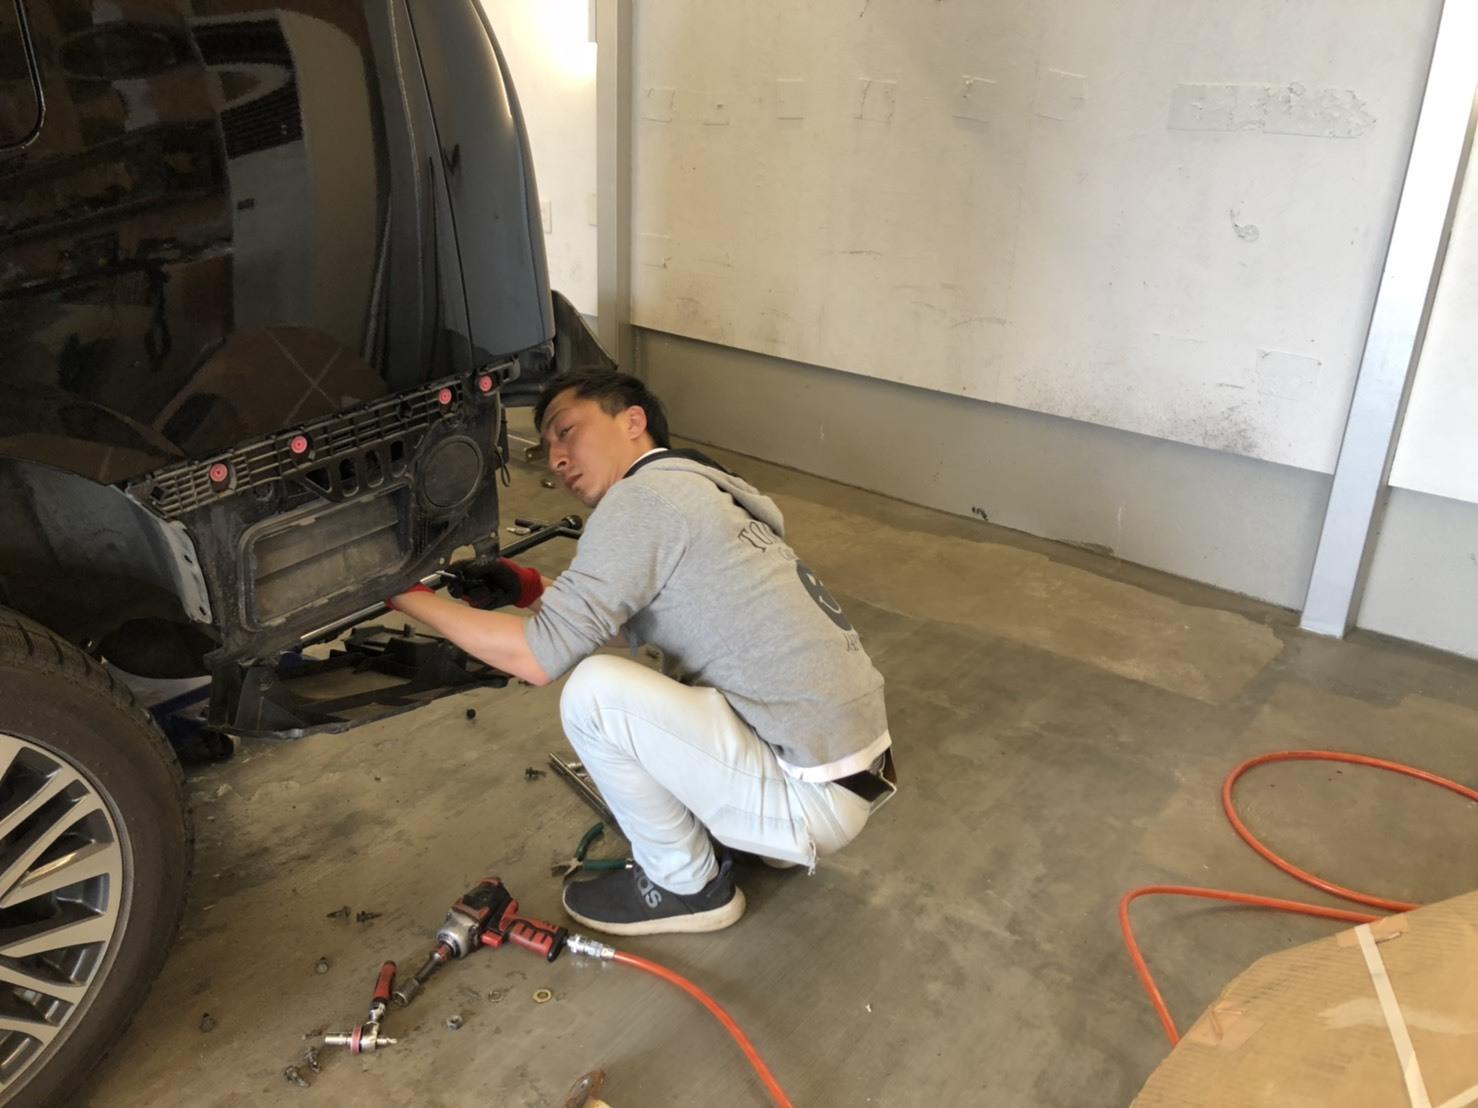 6/11 本店ブログ♪レクサス LX570 4WD☆ワンオーナー ありますよーーー ランクル ハマー キャンピングカー_b0127002_18180164.jpg